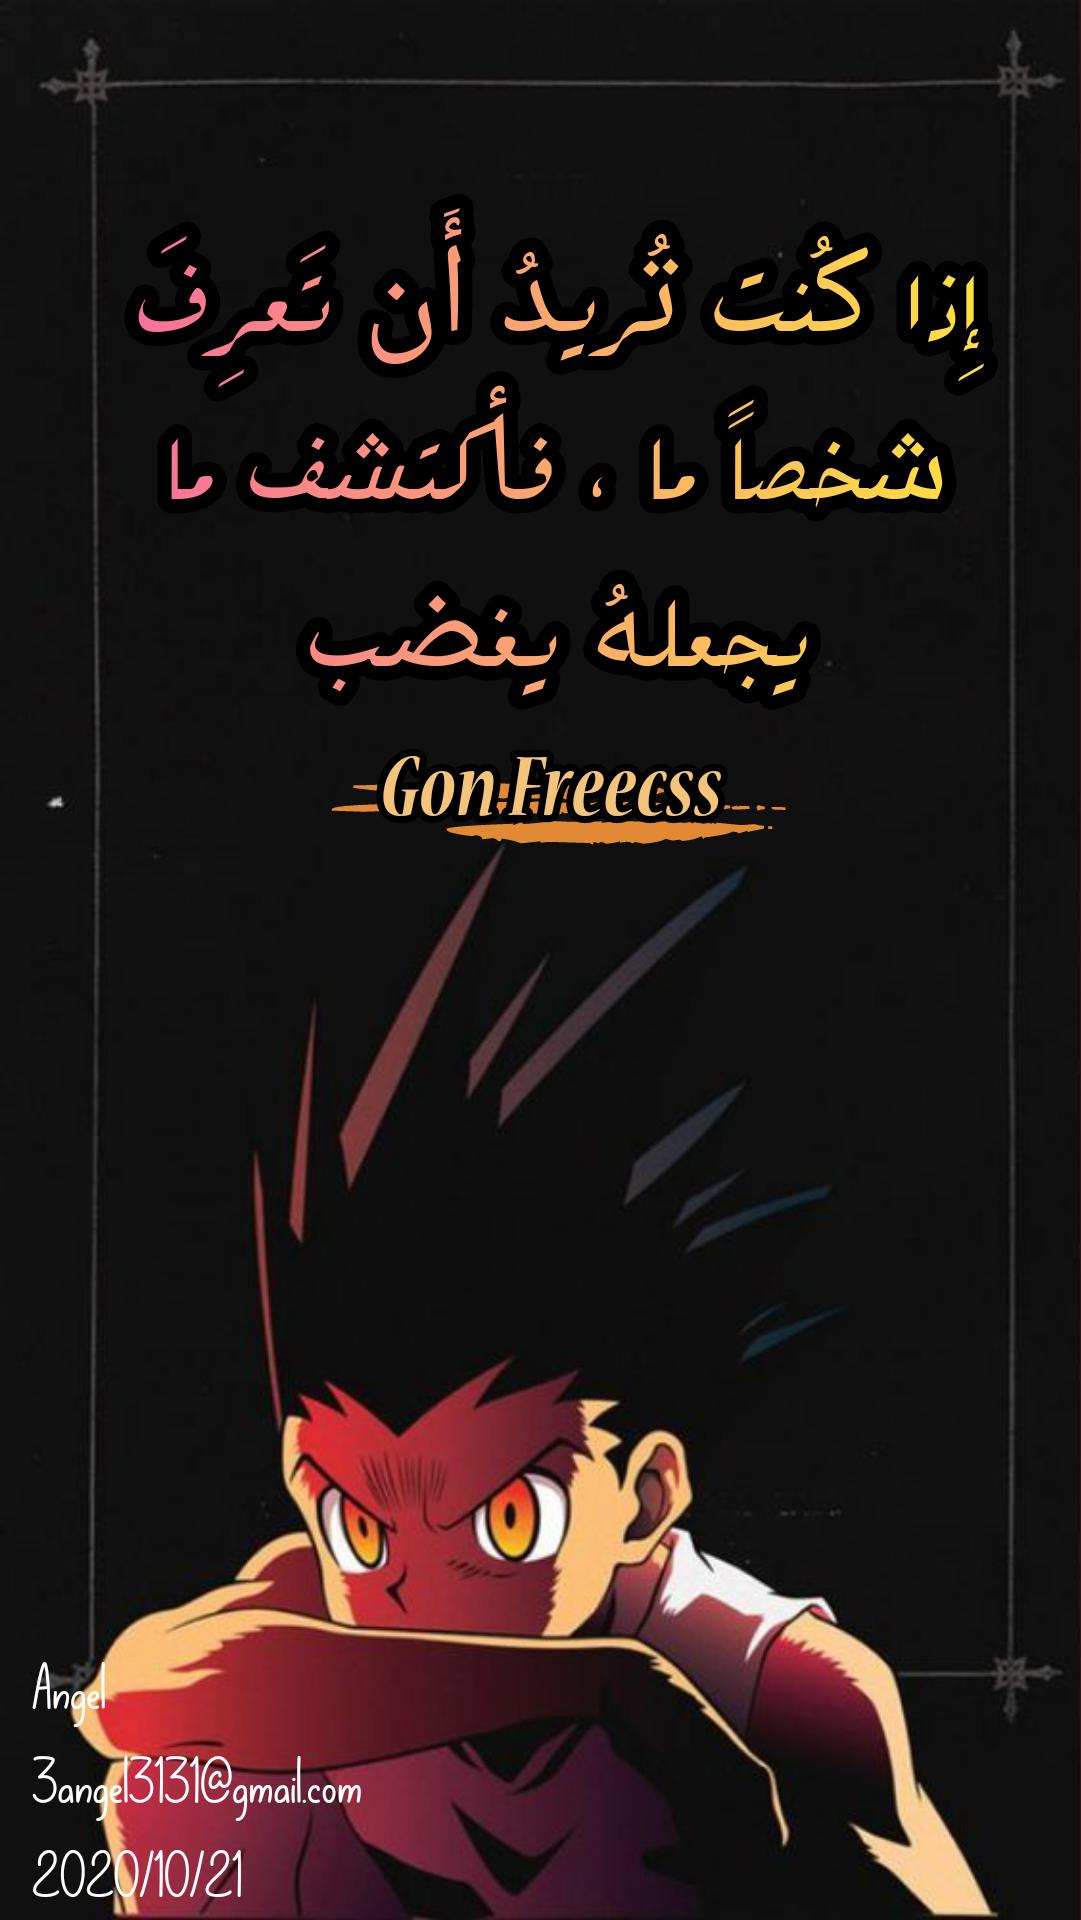 اقوال انمي خالدة Islam Facts Poster Melancholy